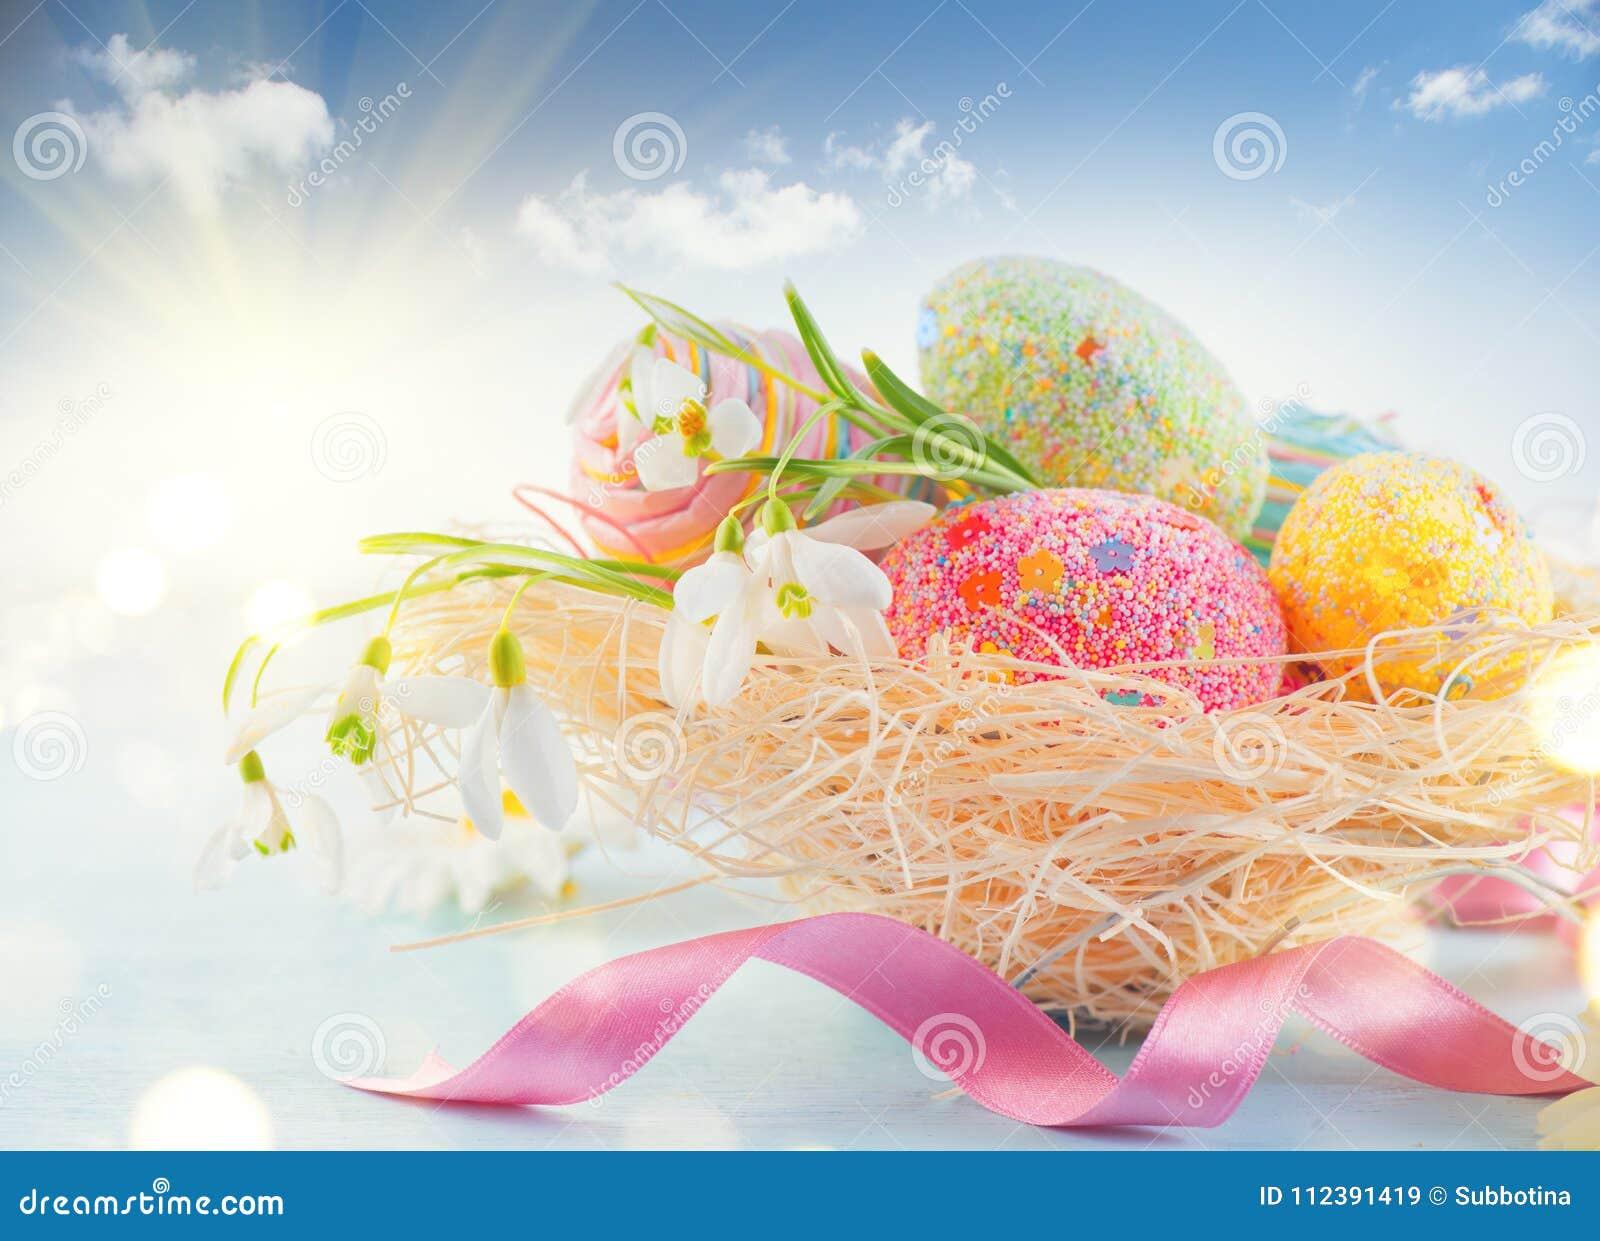 Bakgrund för påskferieplats Traditionella färgrika ägg och vårblommor i redet över blå himmel